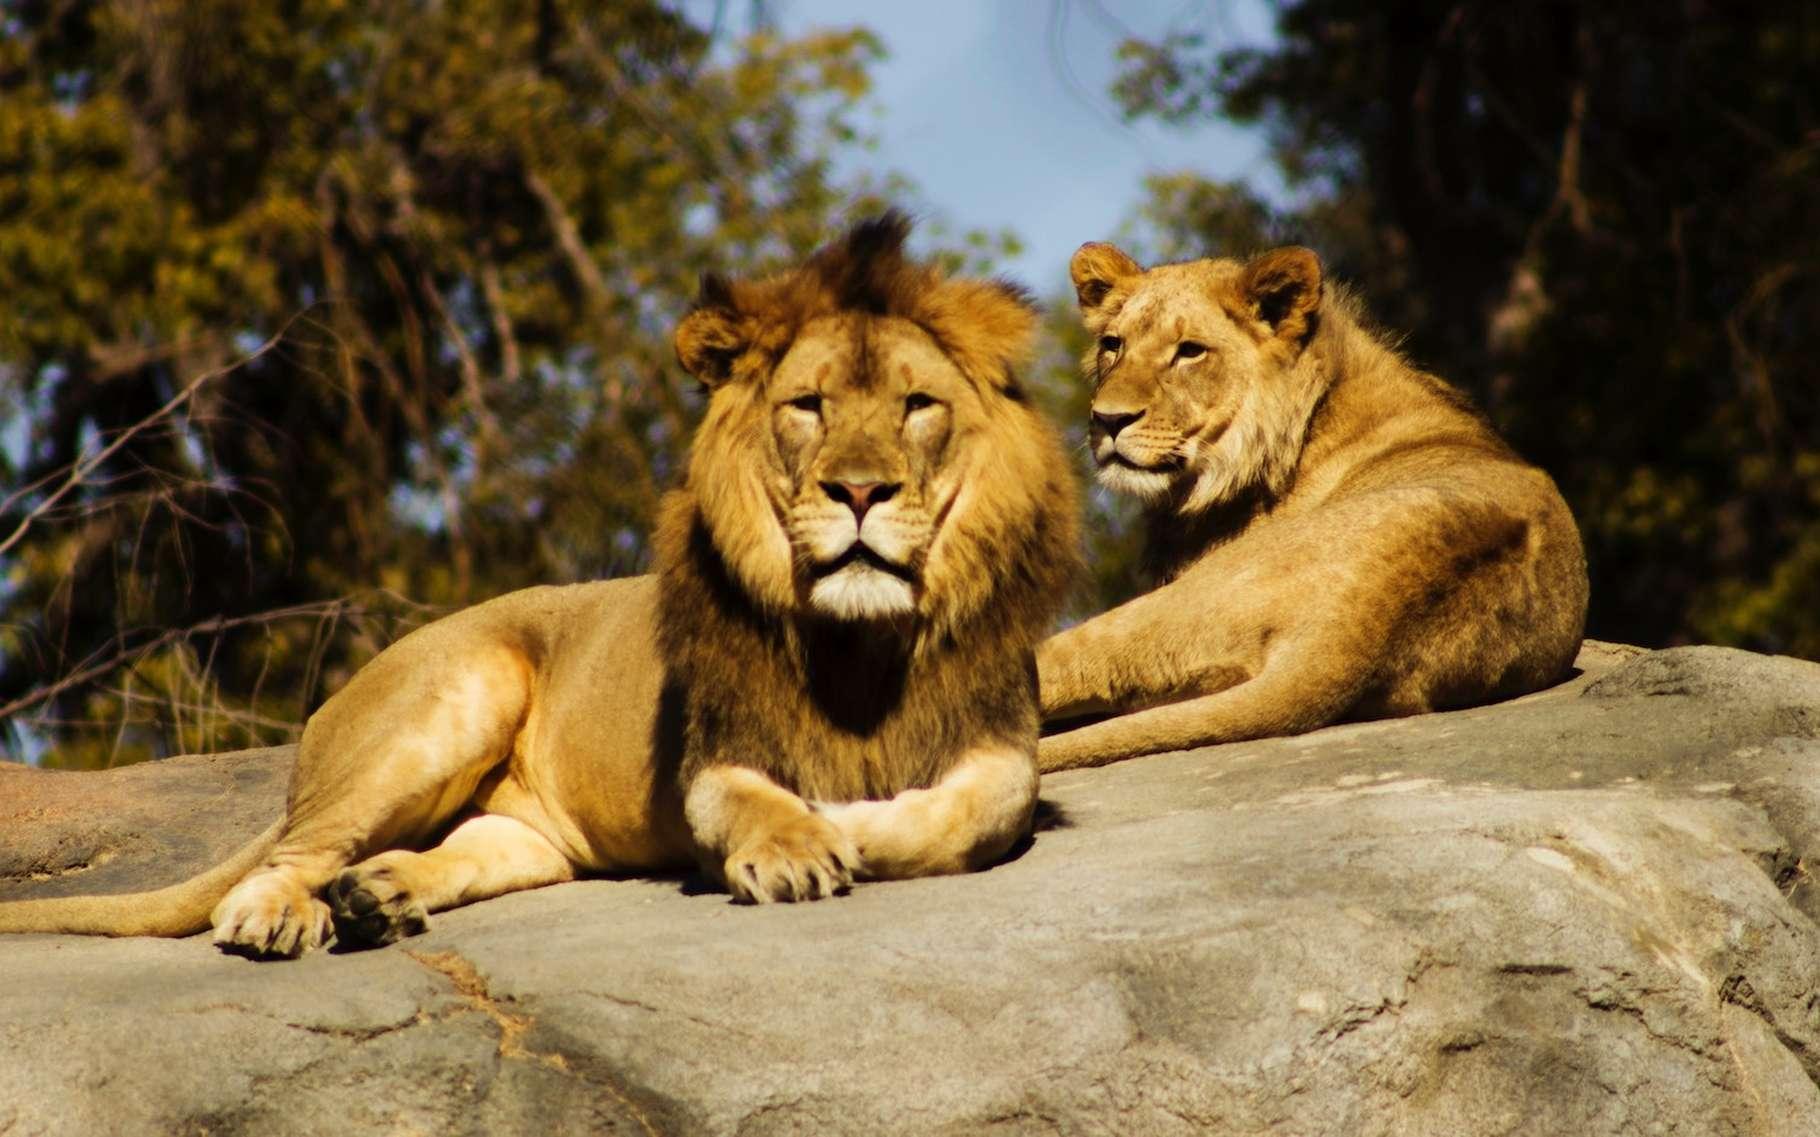 On parle de dimorphisme pour évoquer les différences entre des individus mâles et femelles d'une même espèce. Ici, le lion et la lionne. © Jeremy Avery, Unsplash